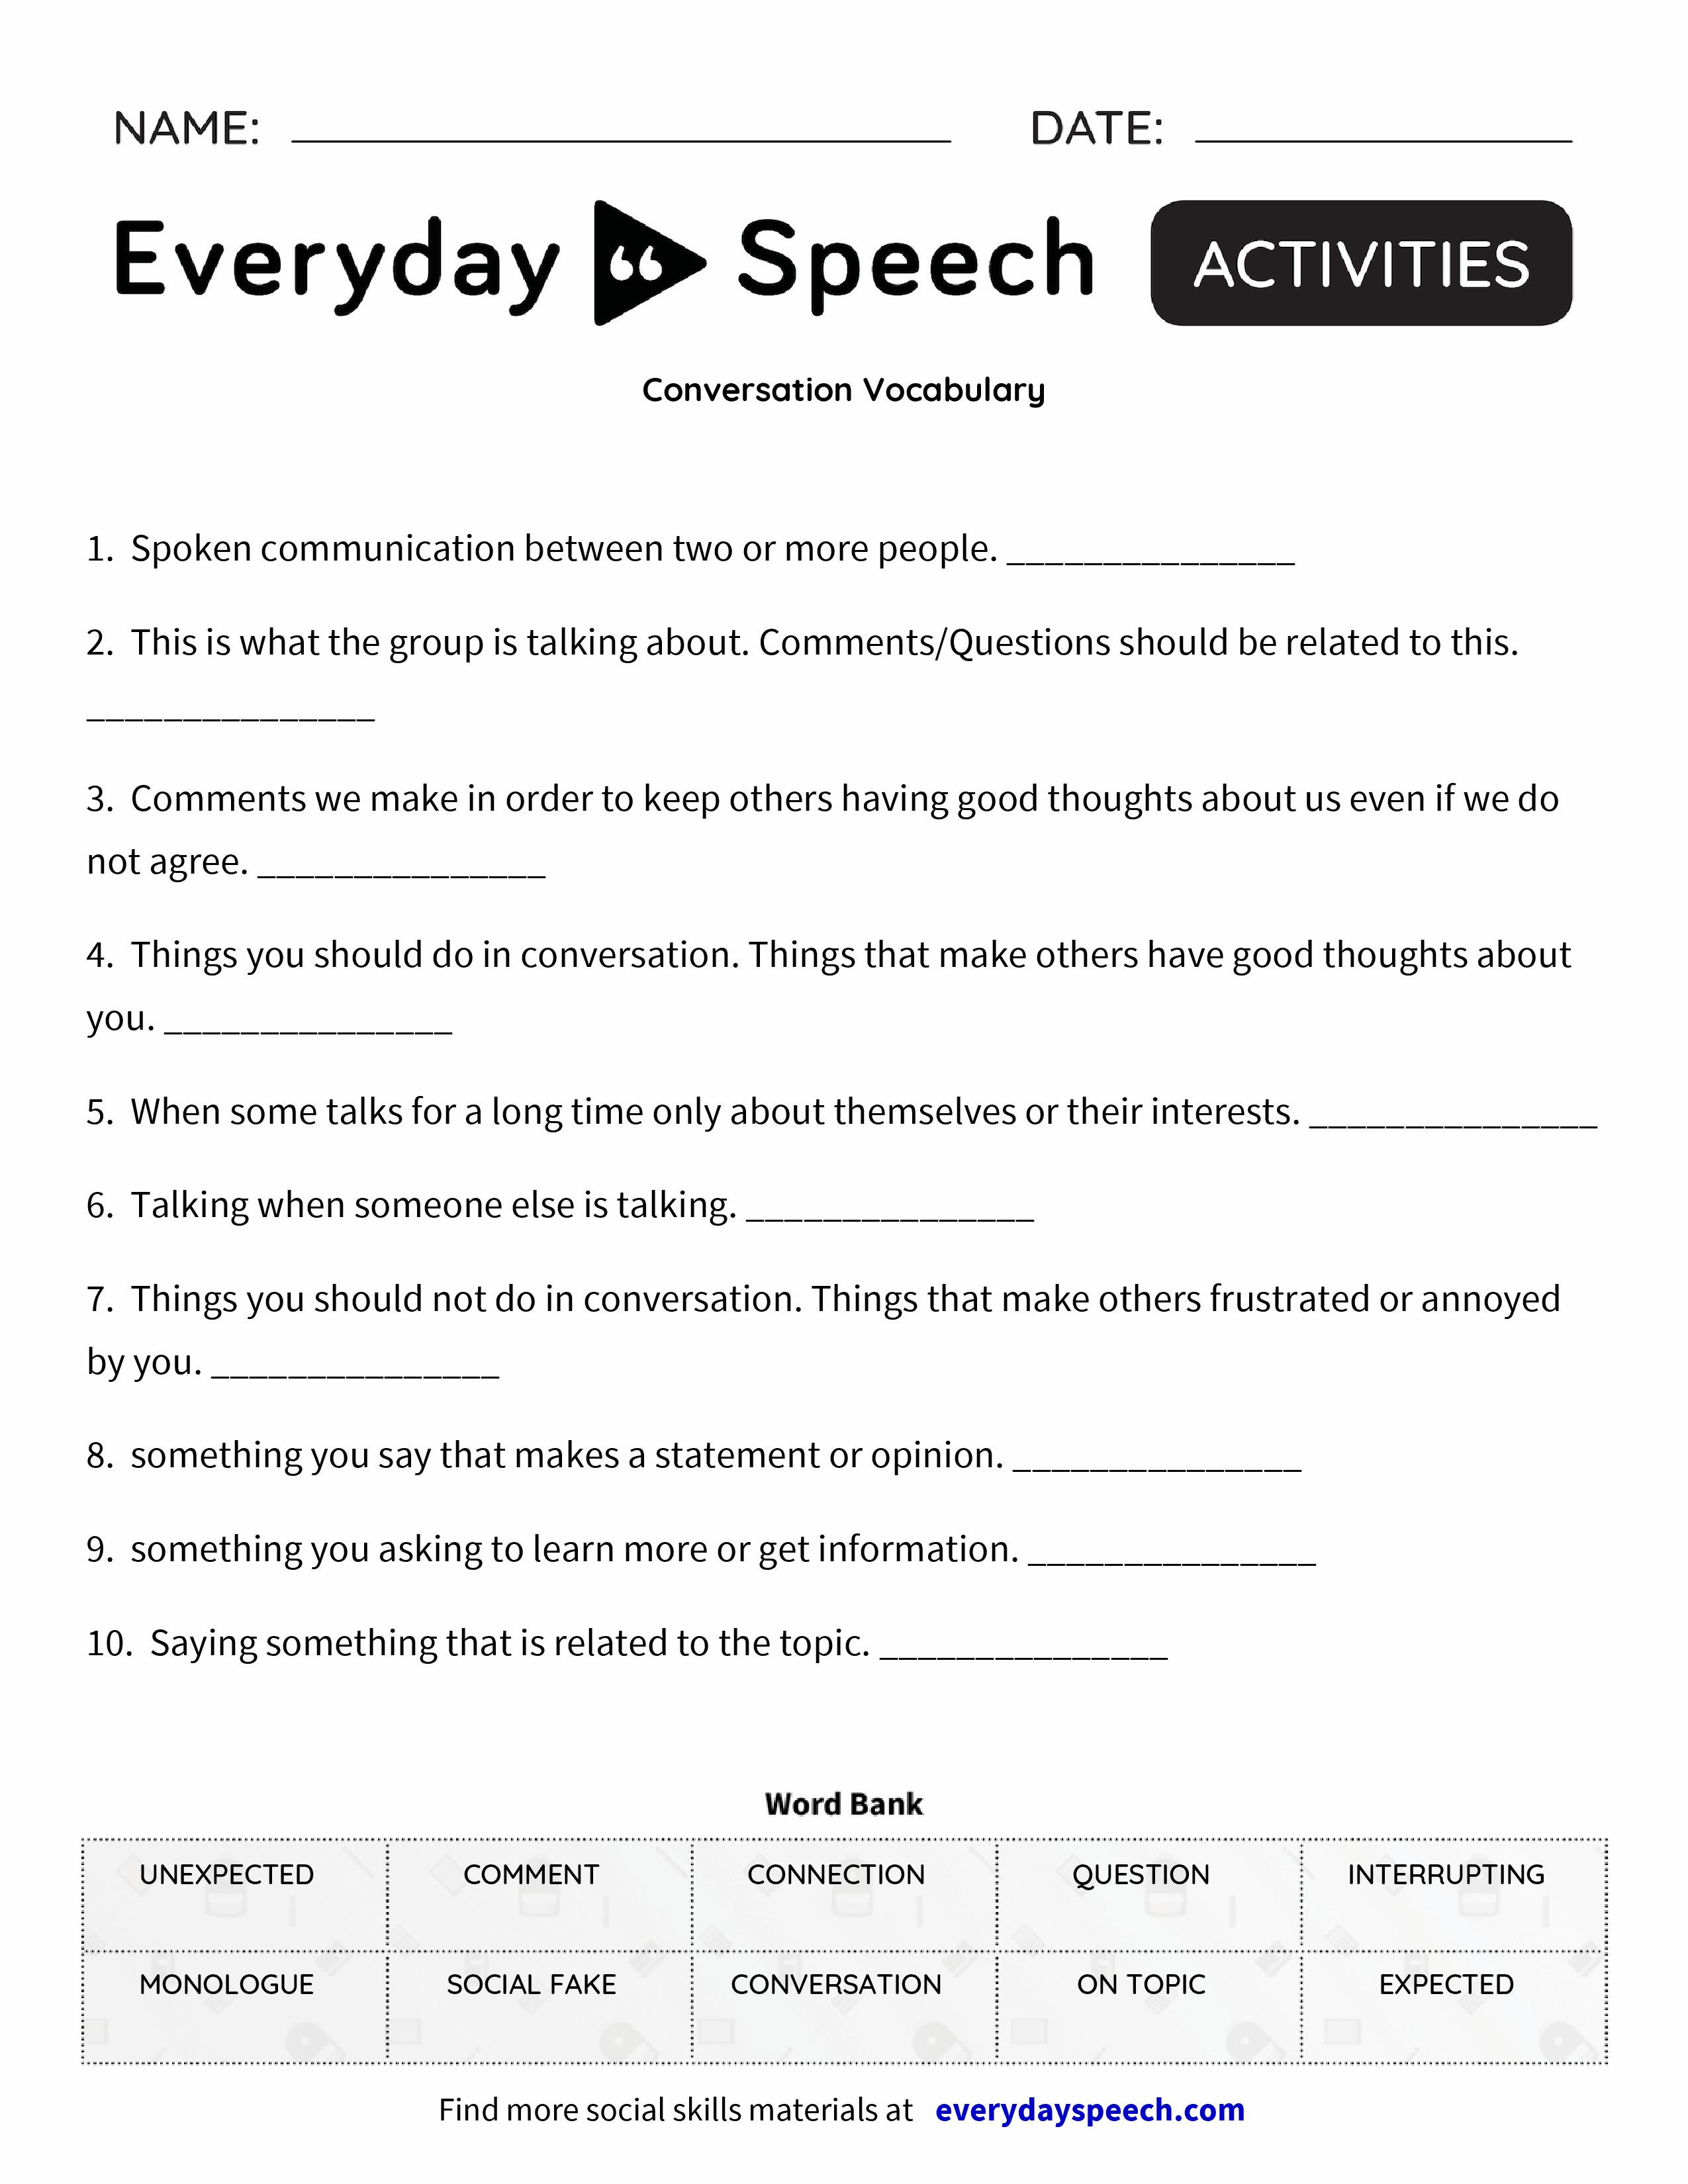 Conversation Vocabulary - Everyday Speech - Everyday Speech